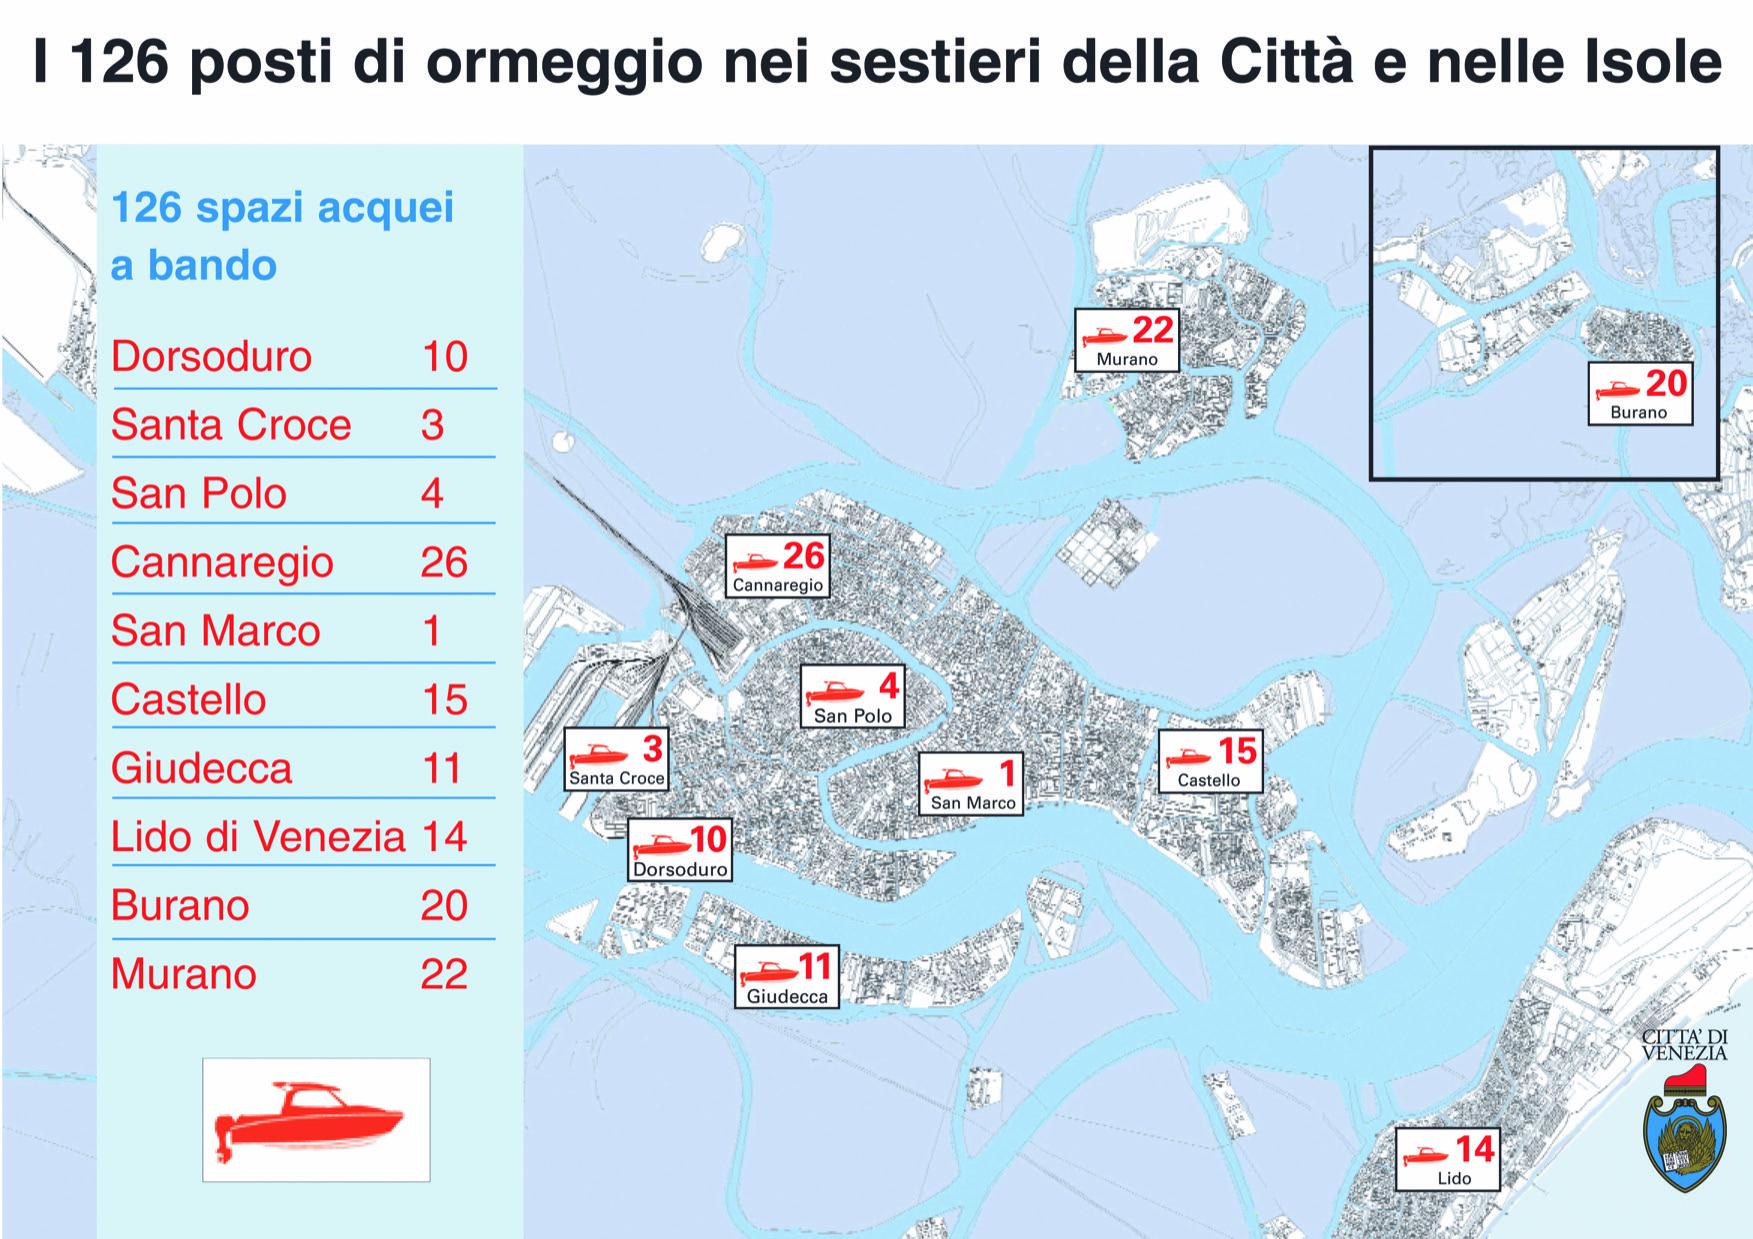 la mappa dei posti acquei a disposizione